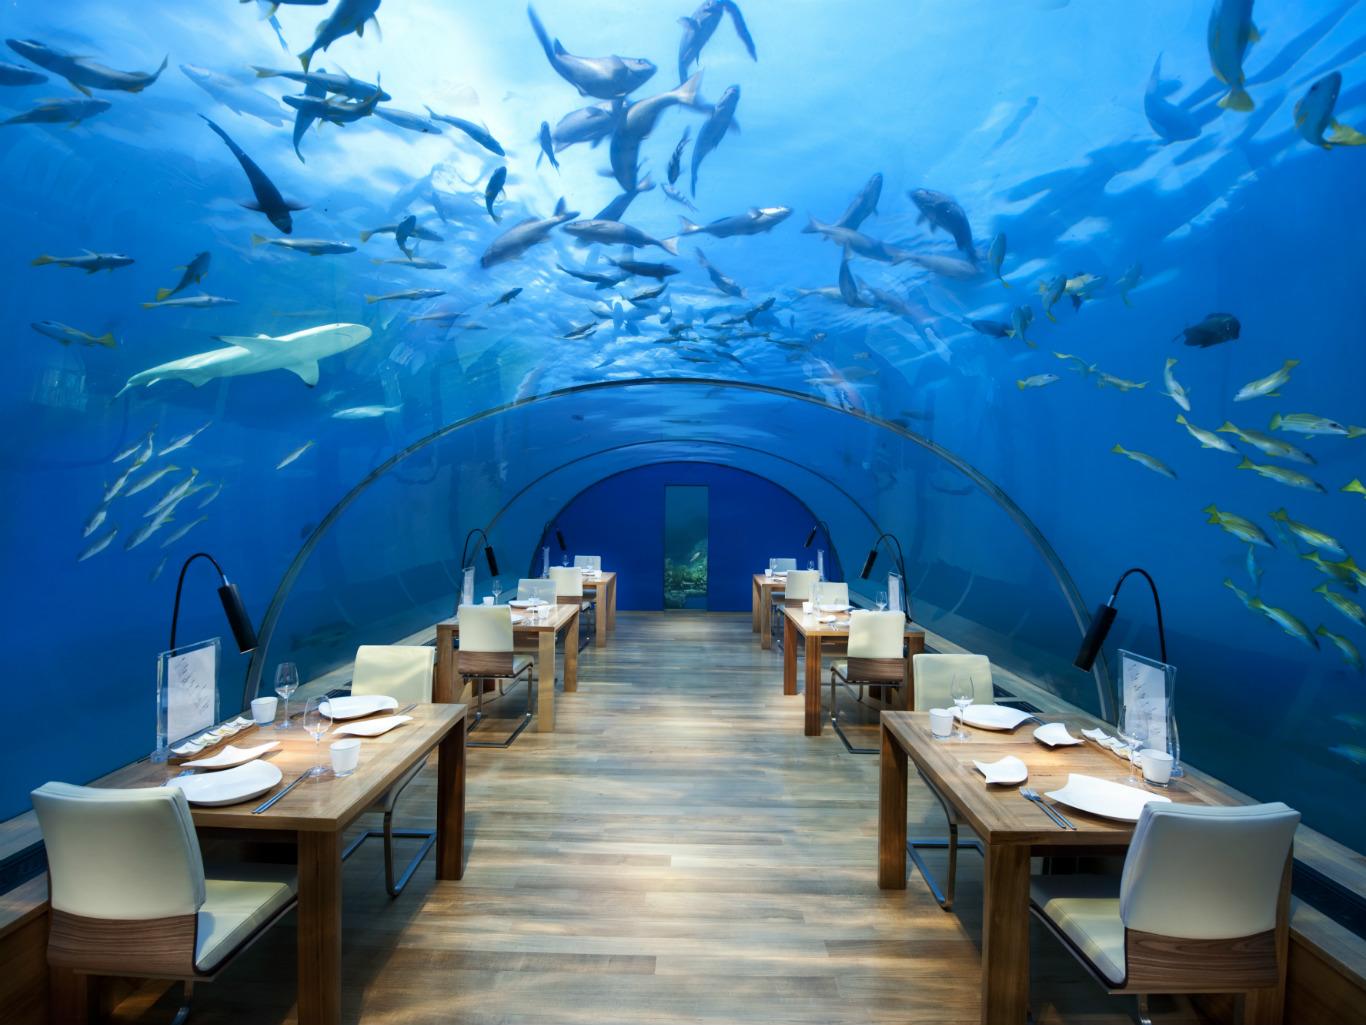 Топ-8 самых необычных отелей мира, которые открылись в 2017 году